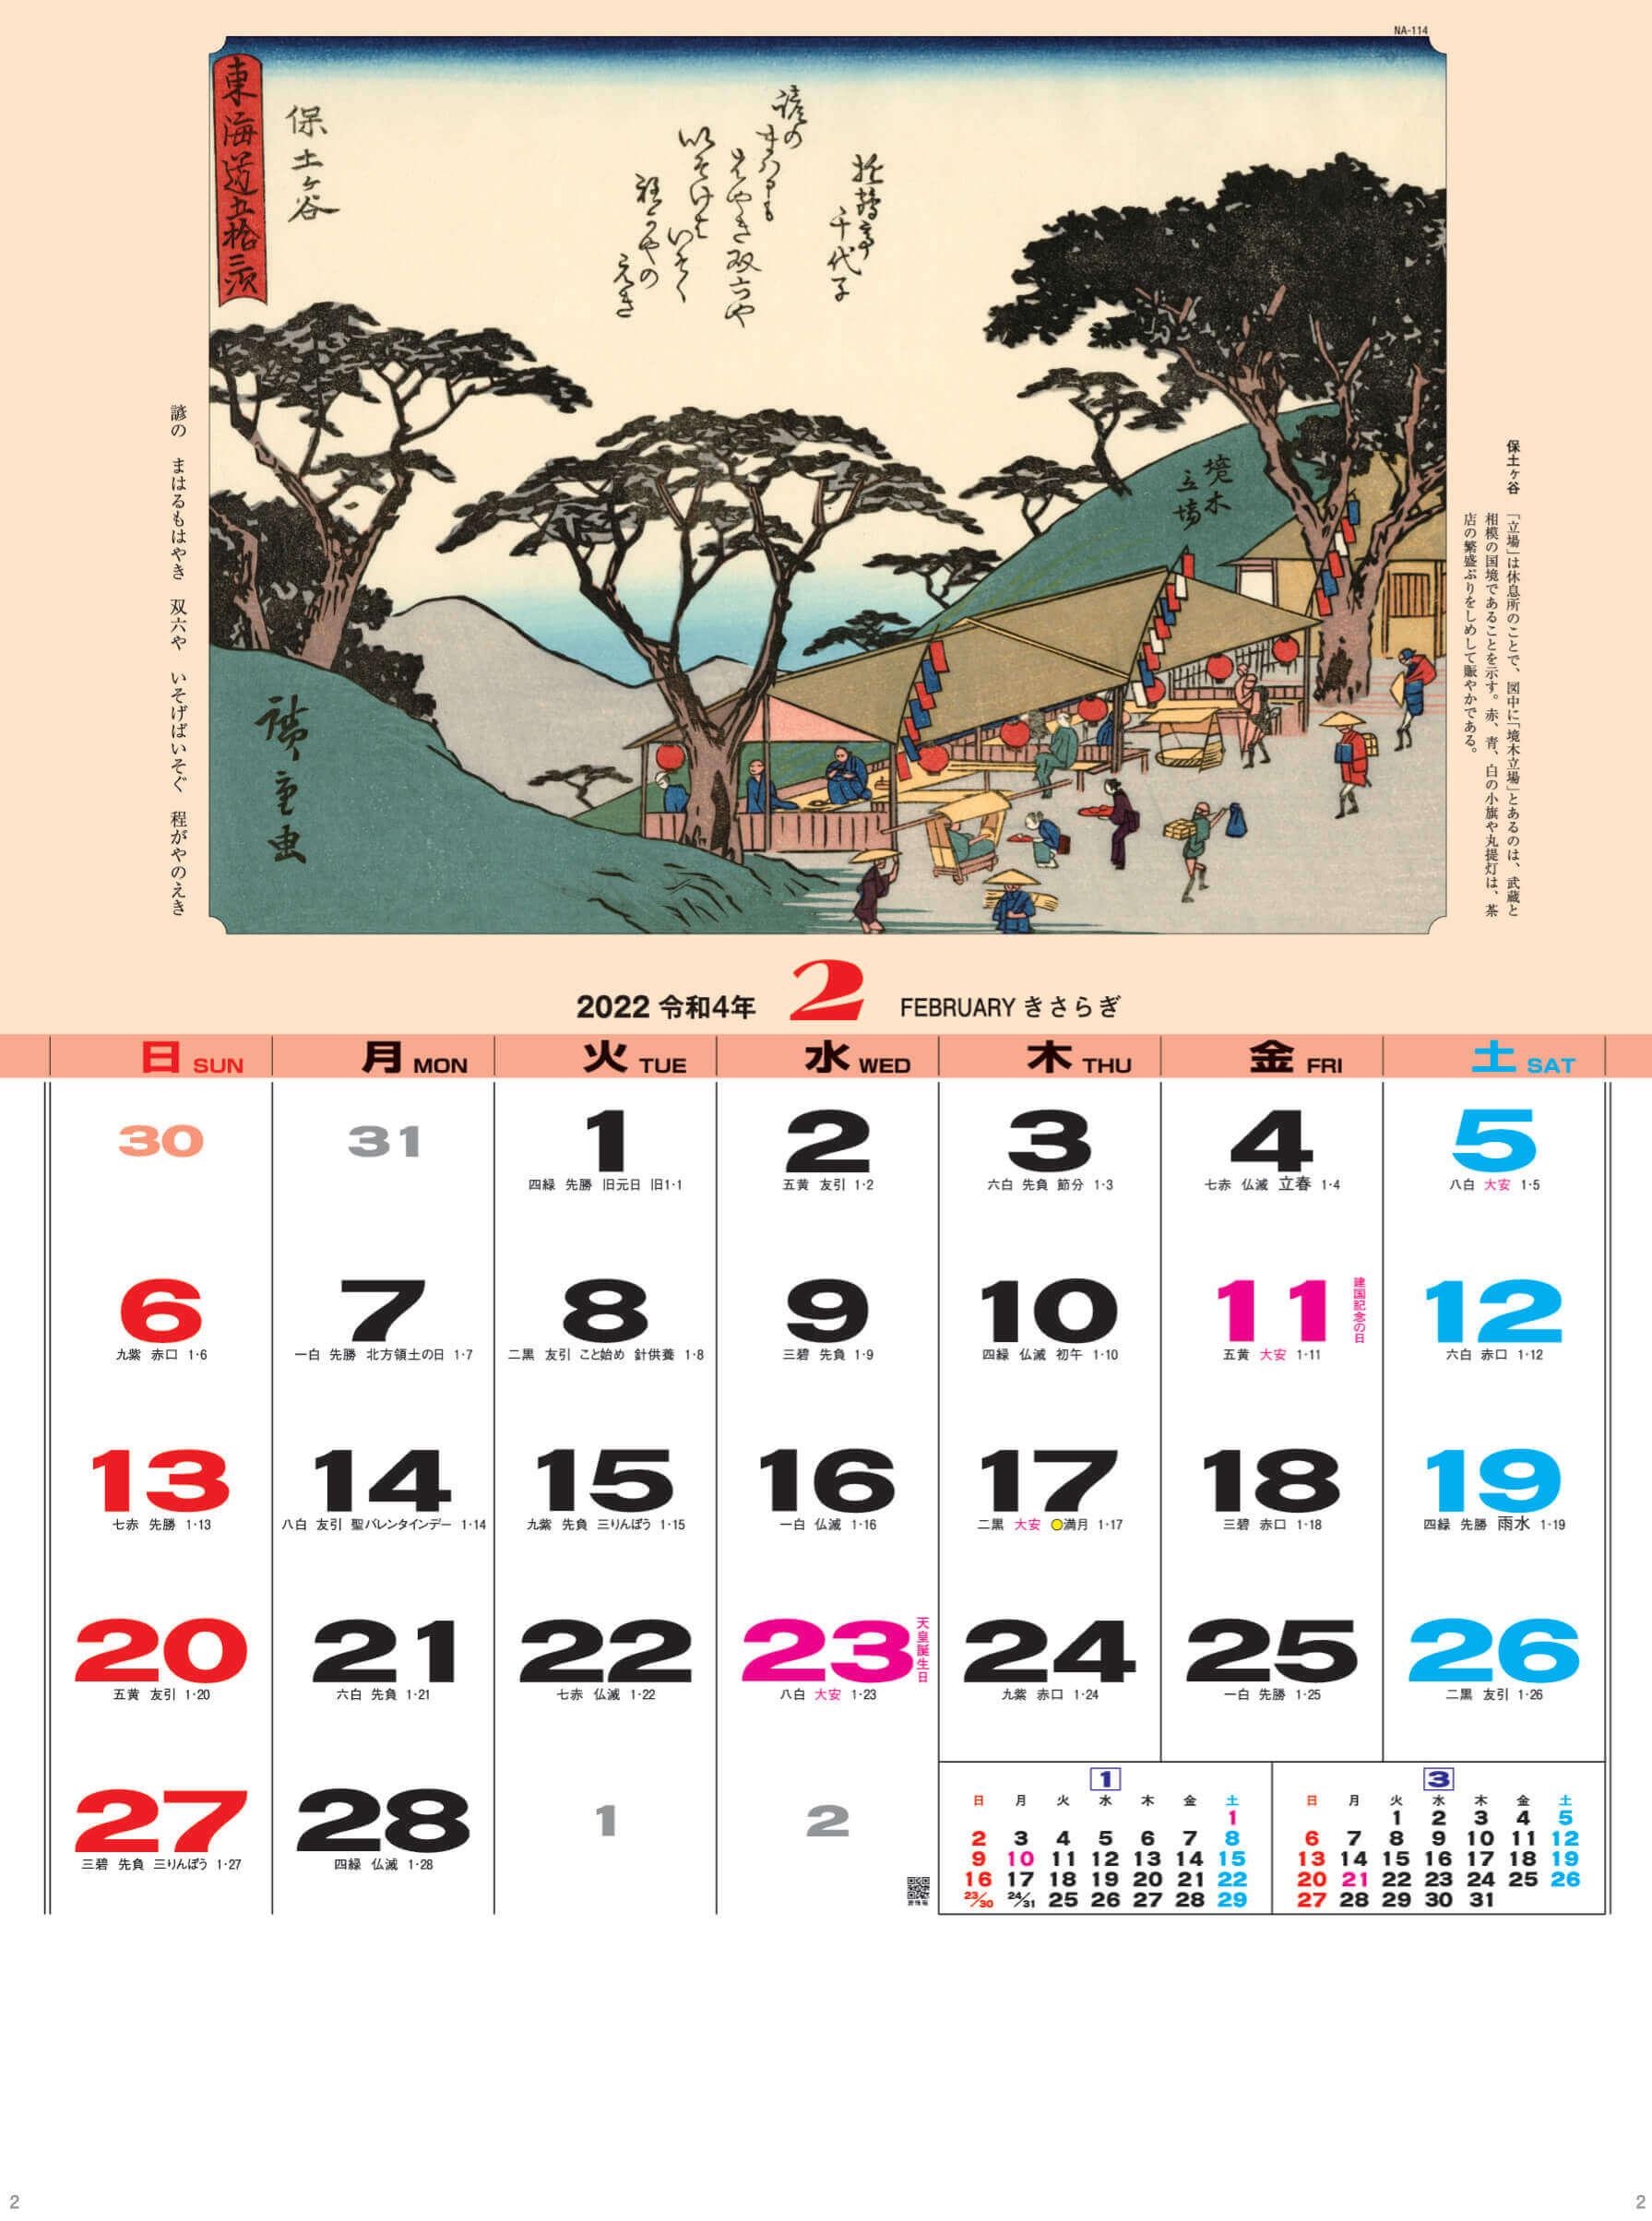 保土ヶ谷 広重 東海道五十三次 2022年カレンダーの画像